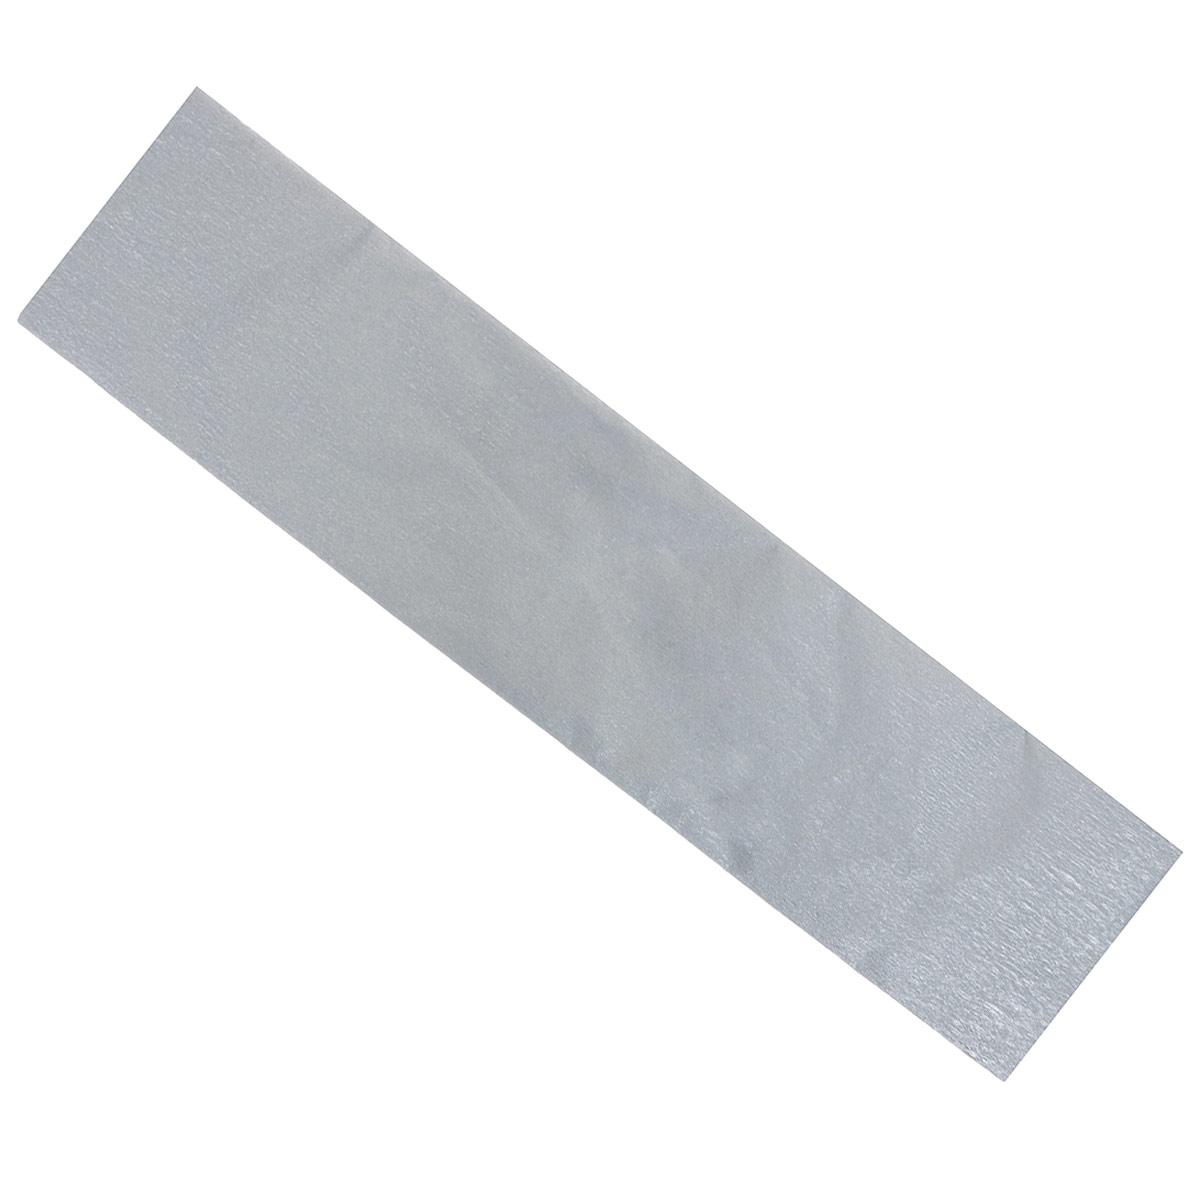 Крепированная бумага Hatber, металлизированная, цвет: серебристый, 5 см х 25 смБк2мт_00026Цветная металлизированная бумага Hatber - отличный вариант для развития творчества вашего ребенка. Бумага с фактурным покрытием очень гибкая и мягкая, из нее можно создавать чудесные аппликации, игрушки, подарки и объемные поделки.Цветная металлизированная бумага Hatber способствует развитию фантазии, цветовосприятия и мелкой моторики рук.Размер бумаги - 5 см х 25 см.